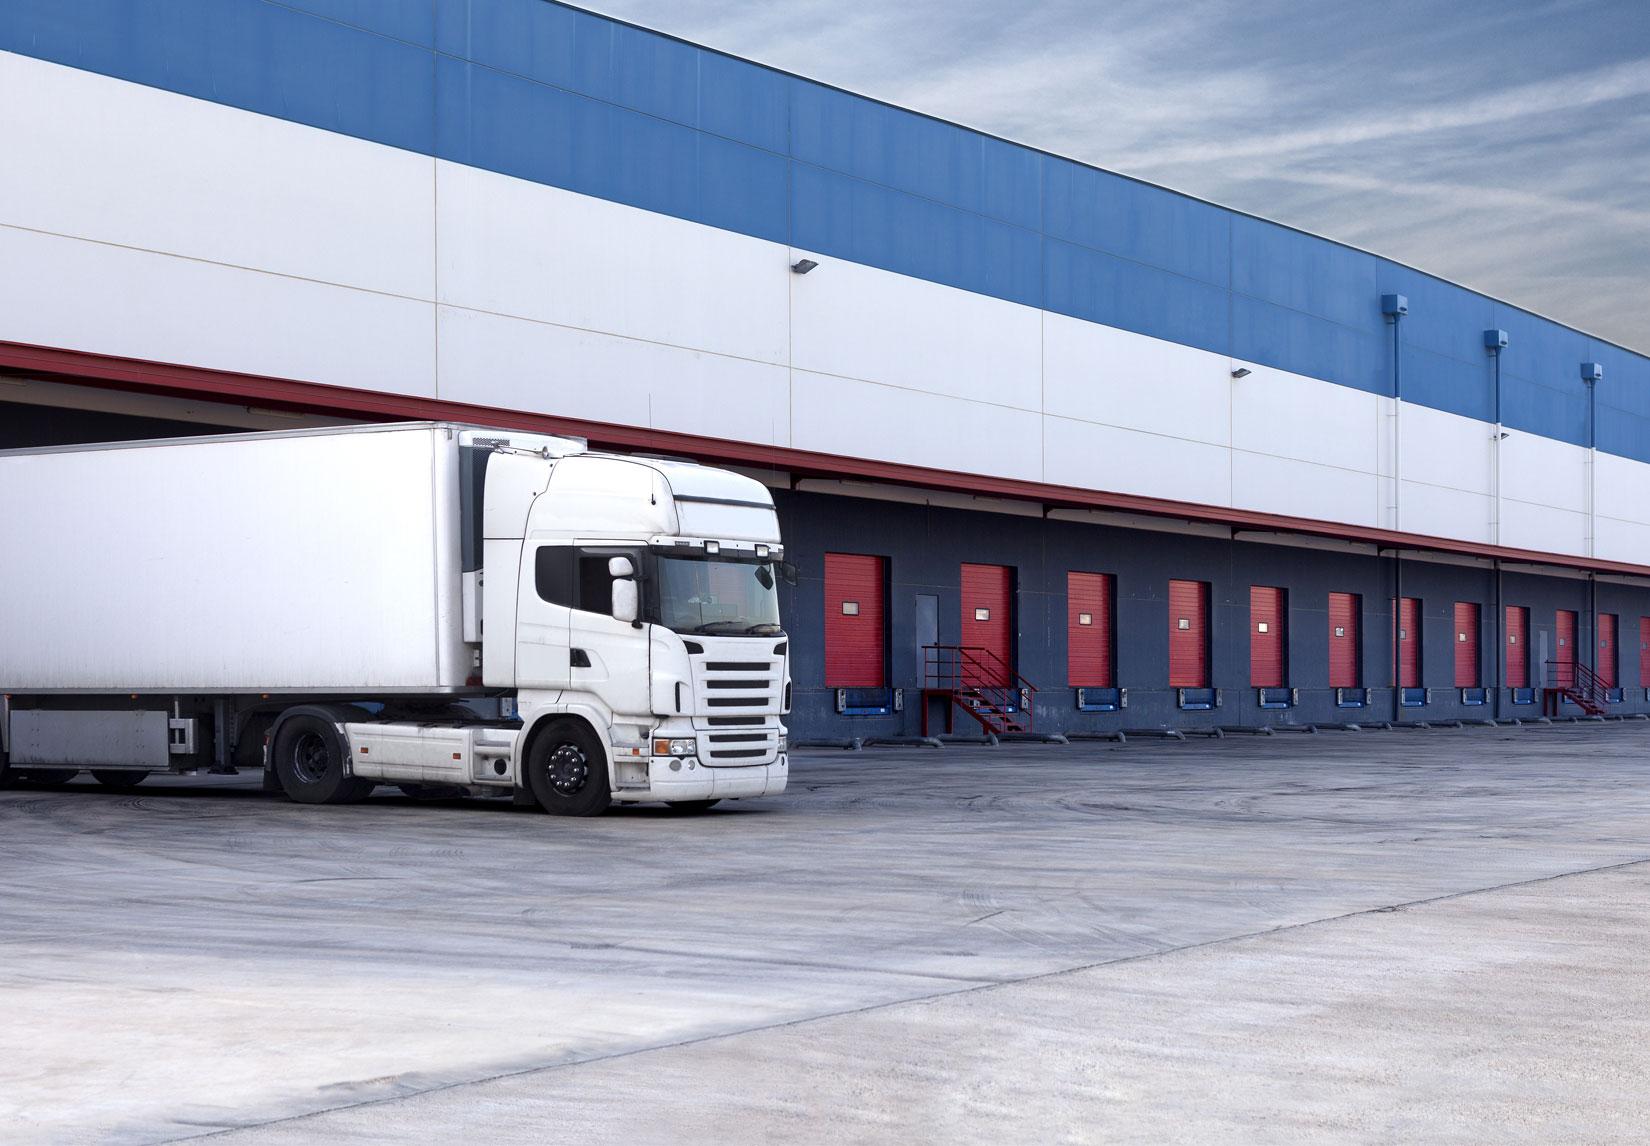 Перевозка комплектных грузов - Свяжитесь с нашими специалистами, чтобы оставить заявку